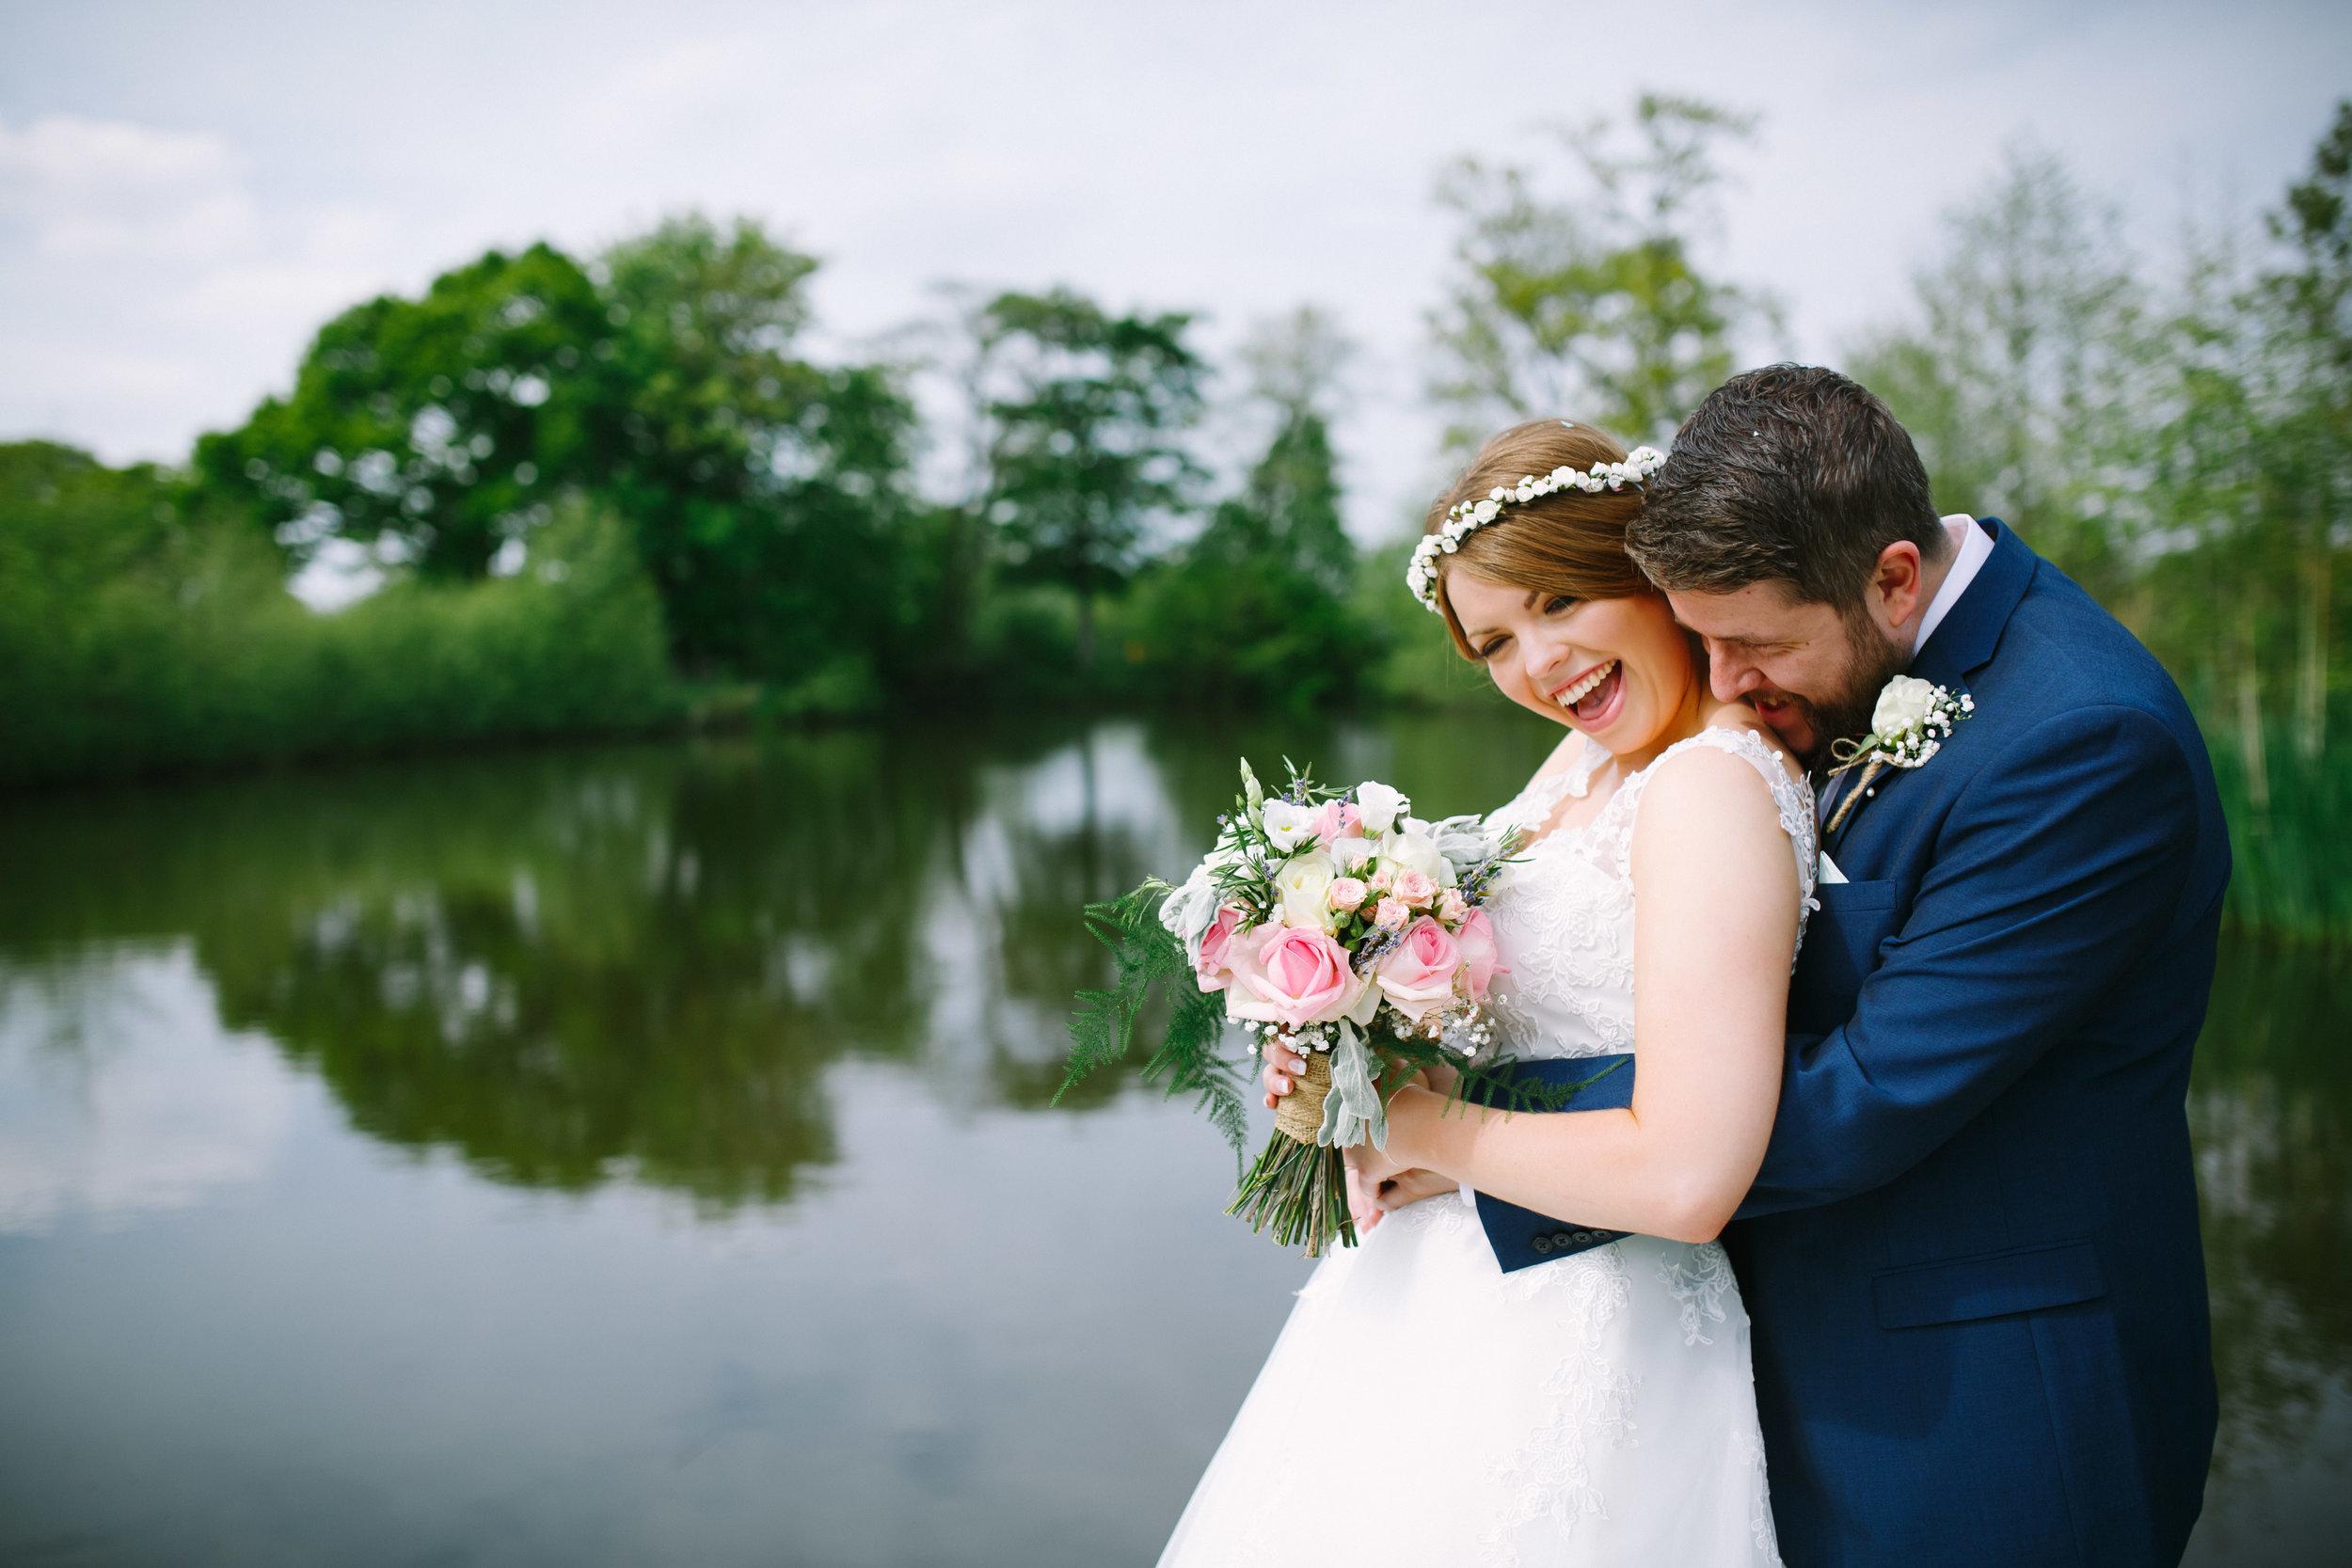 Somerset Wedding Photographer Styal Lodge Wedding Lucy and Lee Benecke 385.jpg